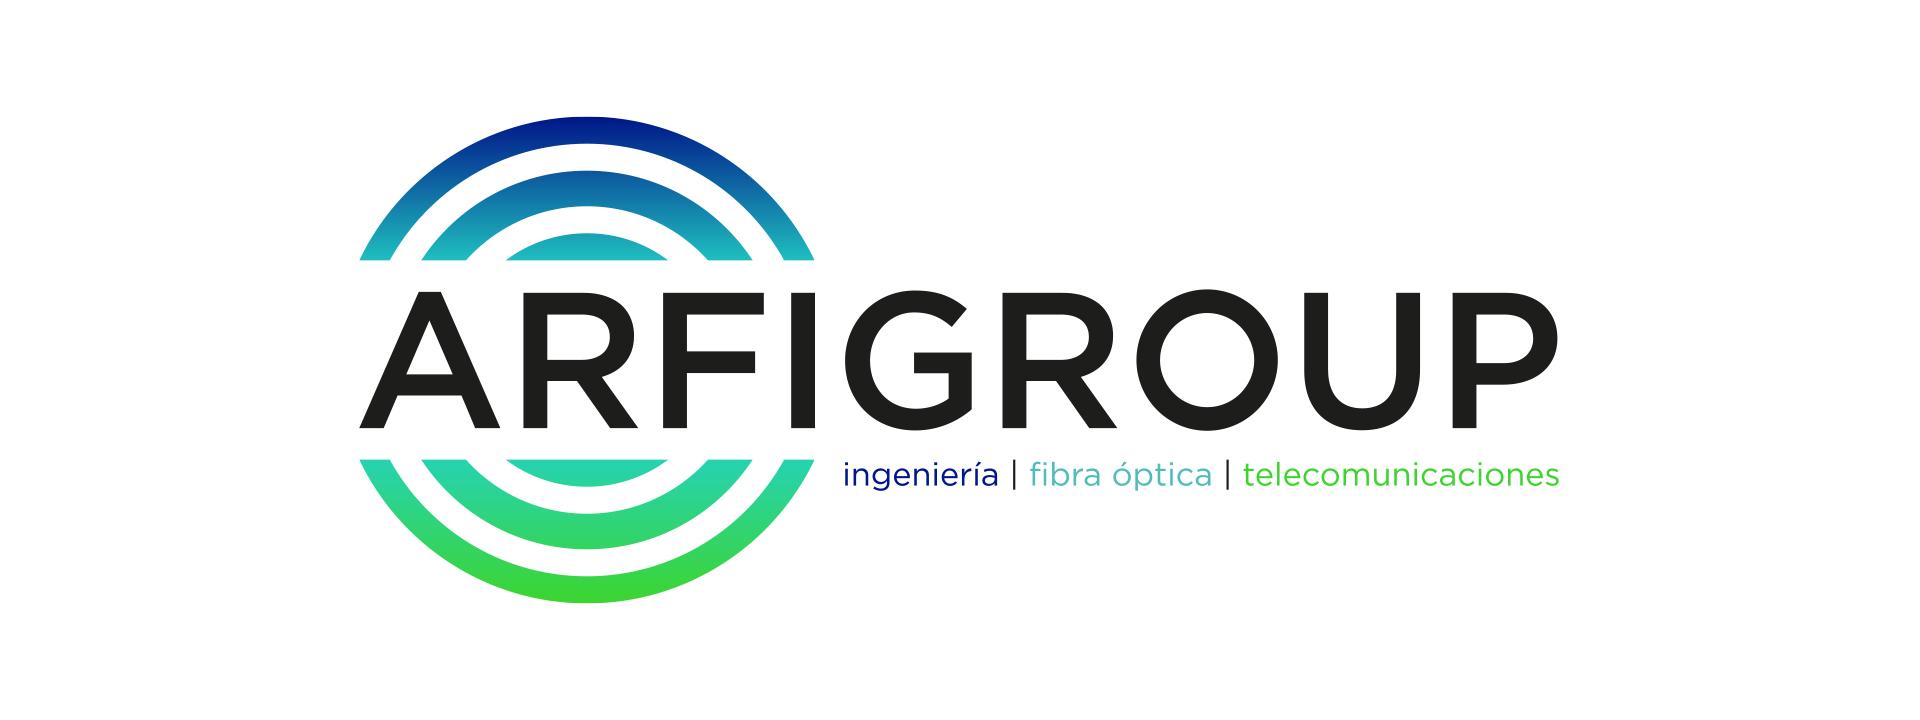 ARFIGROUP - Ingeniería | Fibra Óptica | Telecomunicaciones - Asesoría Técnica en Ingeniería, Certificaciones e Instalación de Fibra Óptica - MADRID